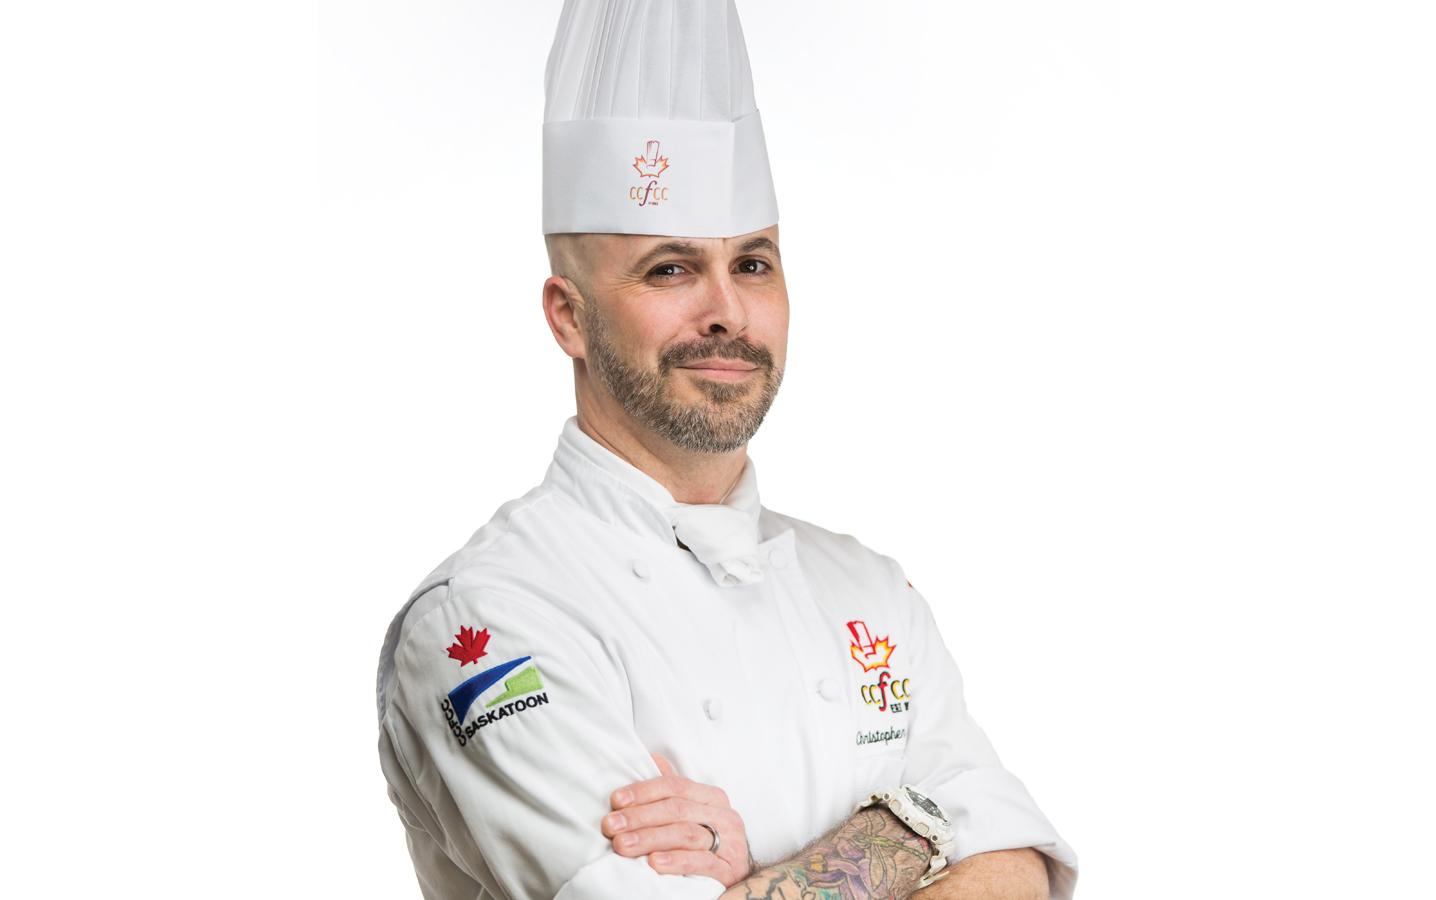 Chef Chris Corkum